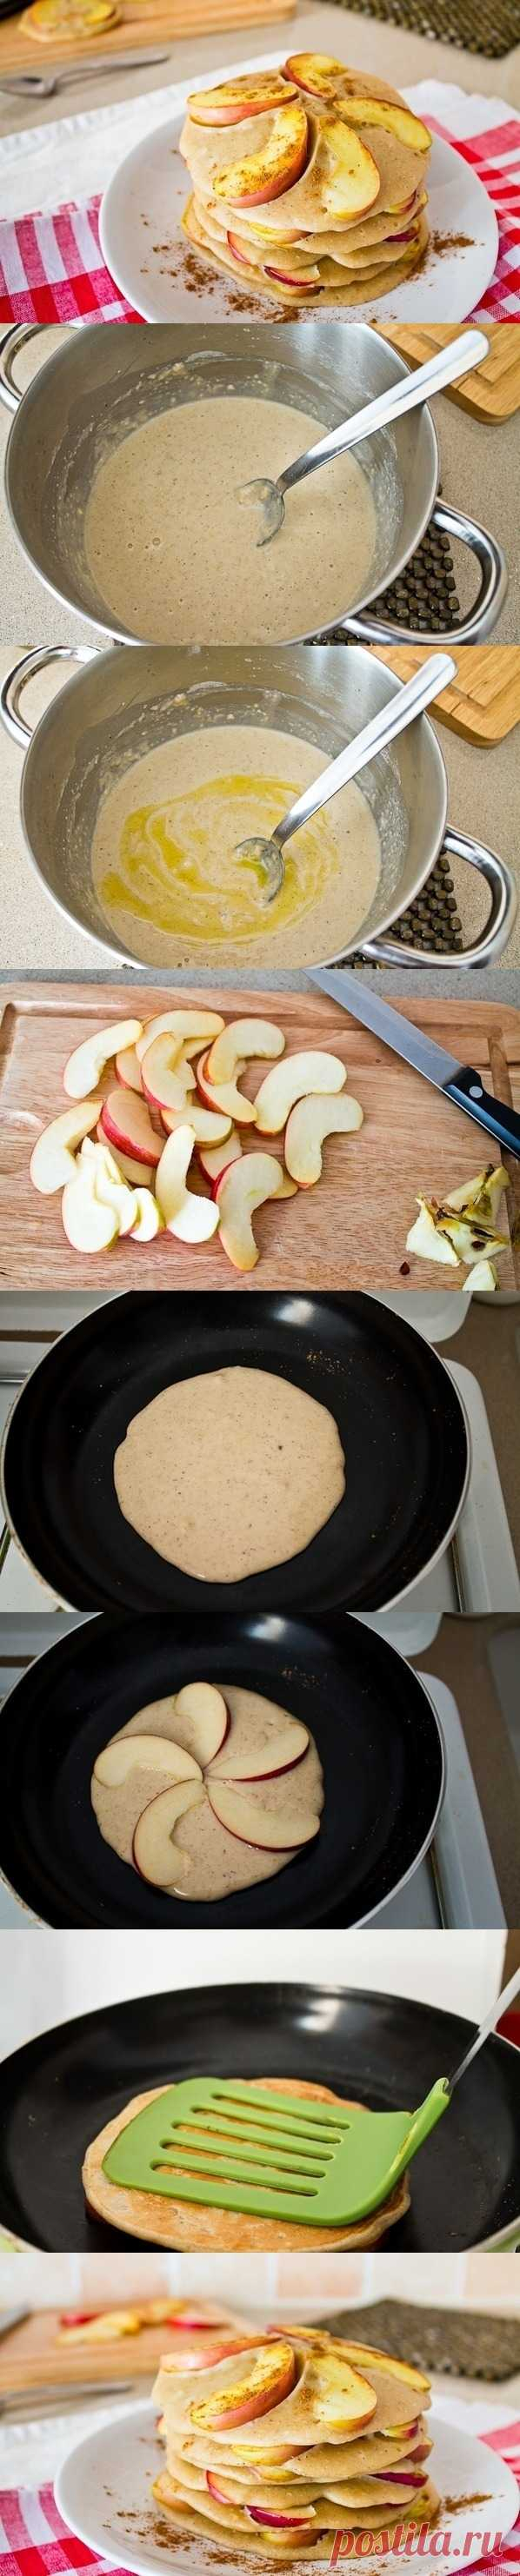 Los crepes de canelo con las manzanas. (La descripción por la camarilla a la estampa).